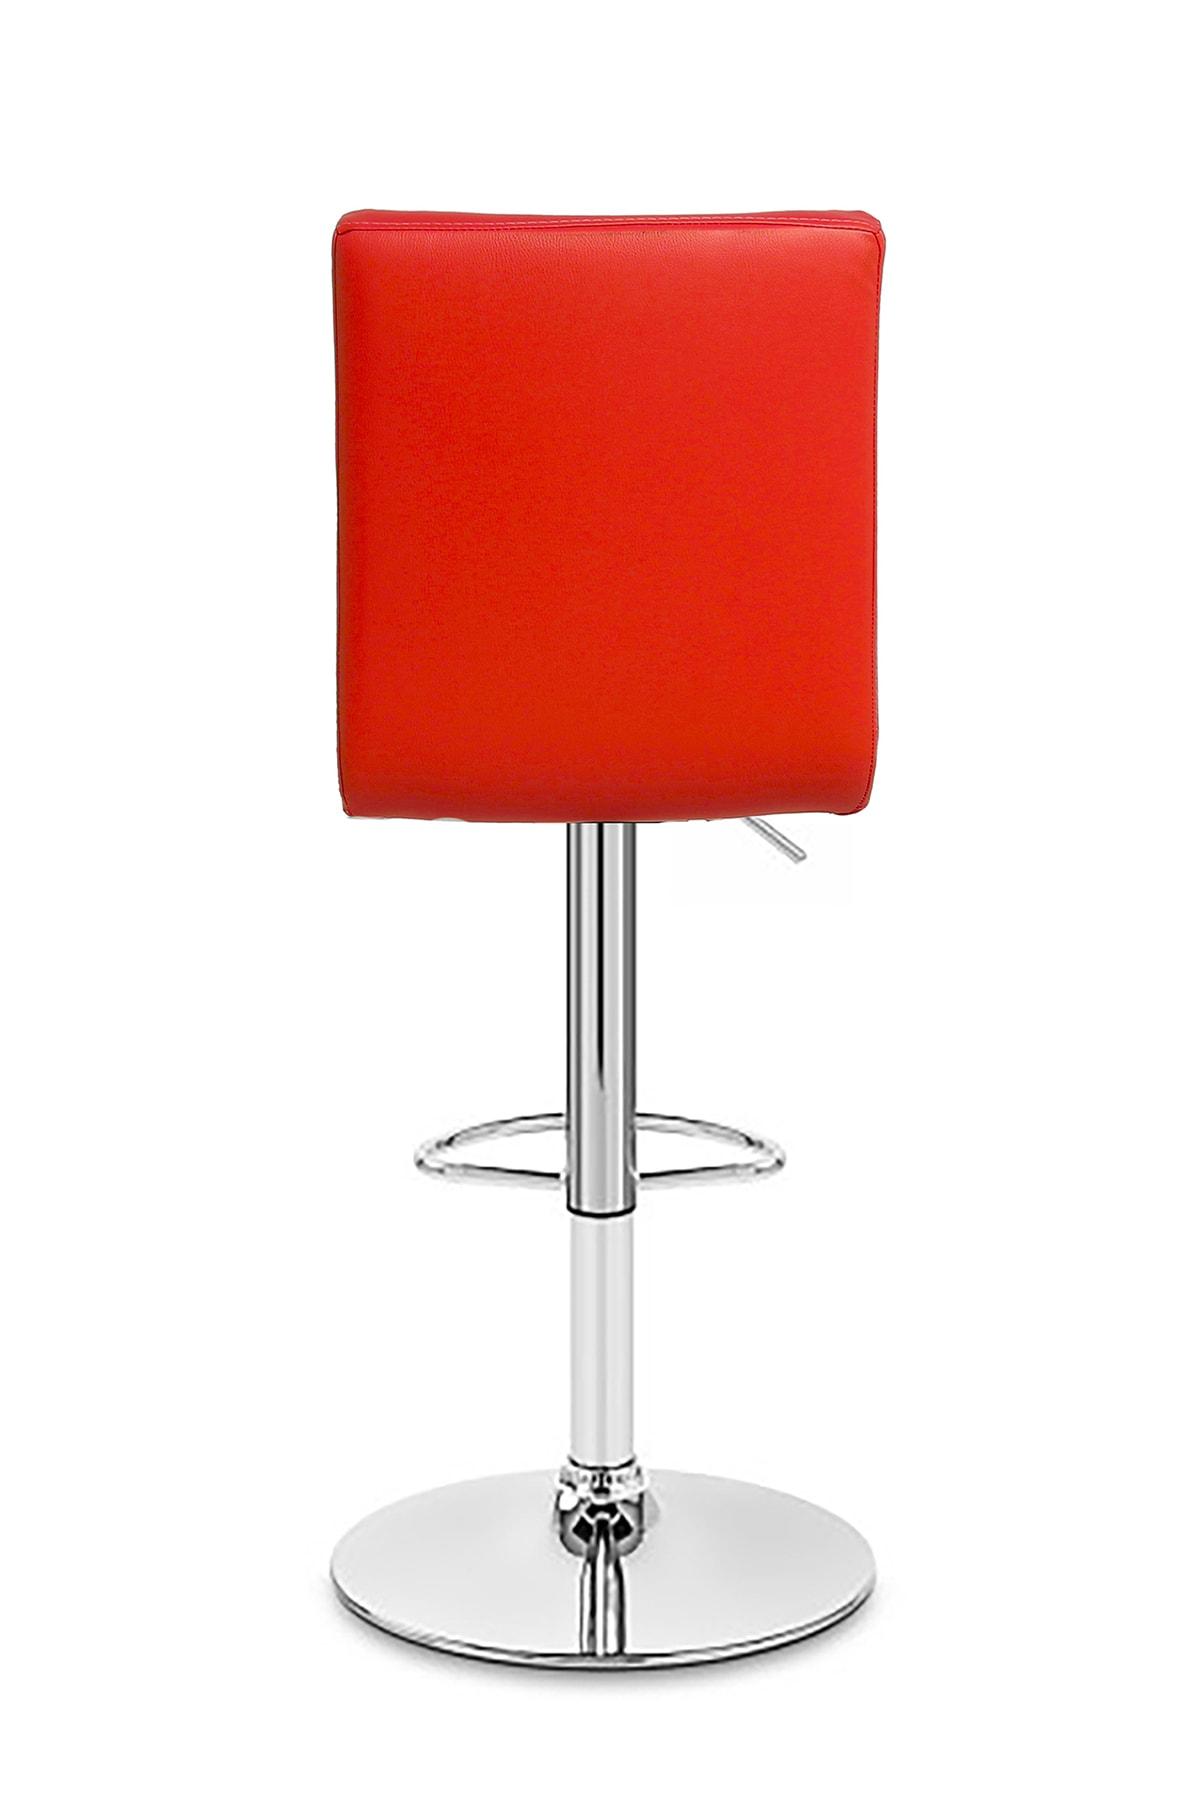 Seduna Duru Base Kırmızı Bar Koltuğu Metal Ayaklı   Bar Tabure 3